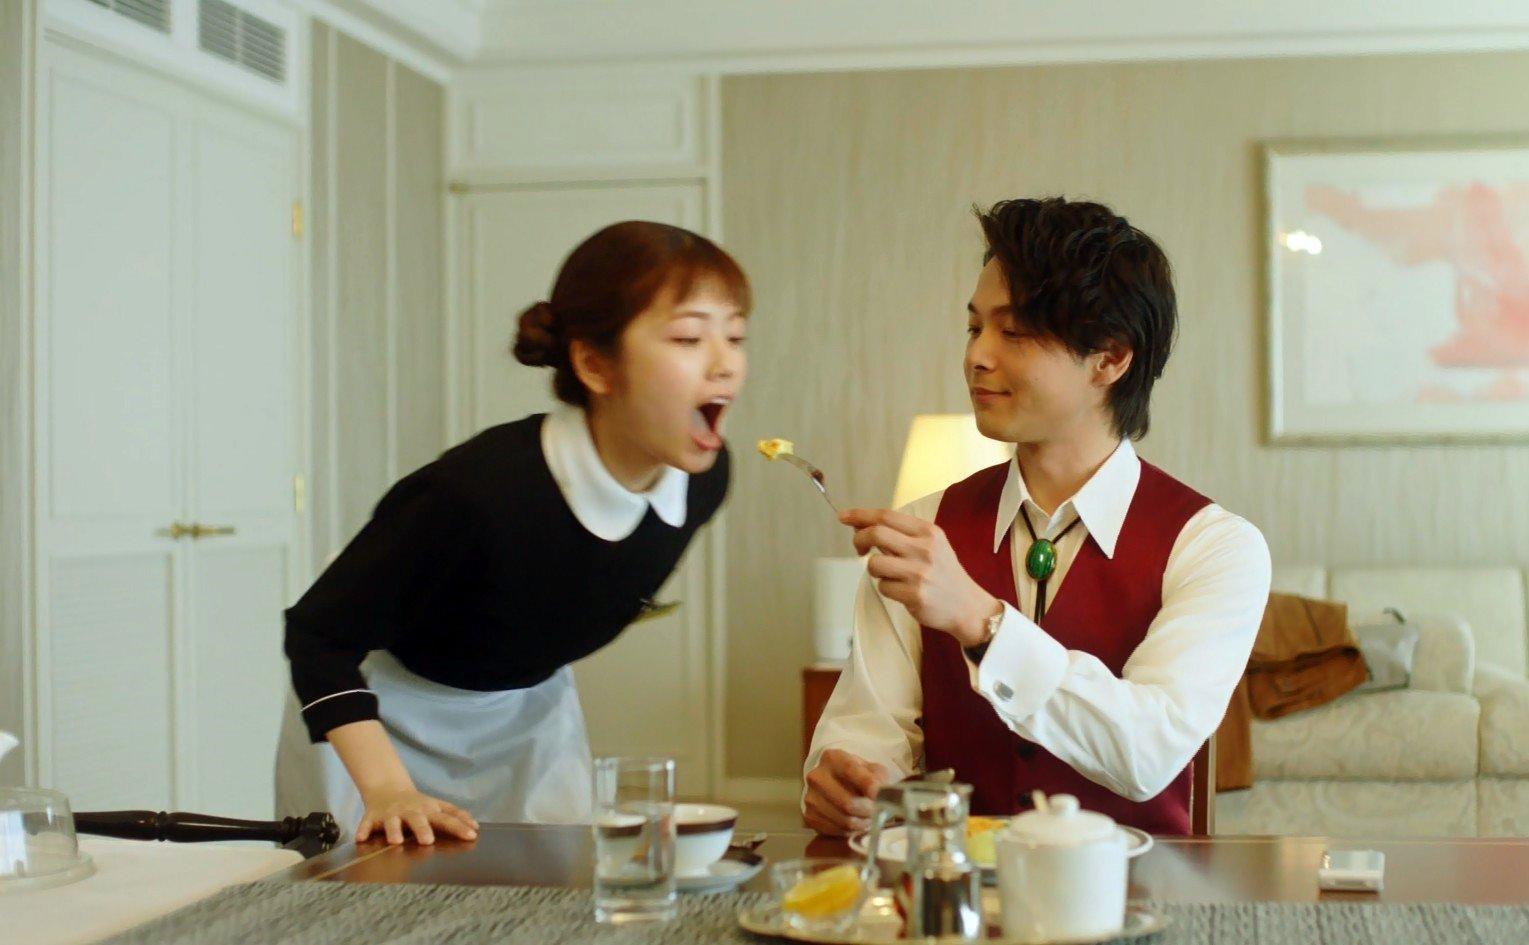 小芝風花の食事顔 (2)